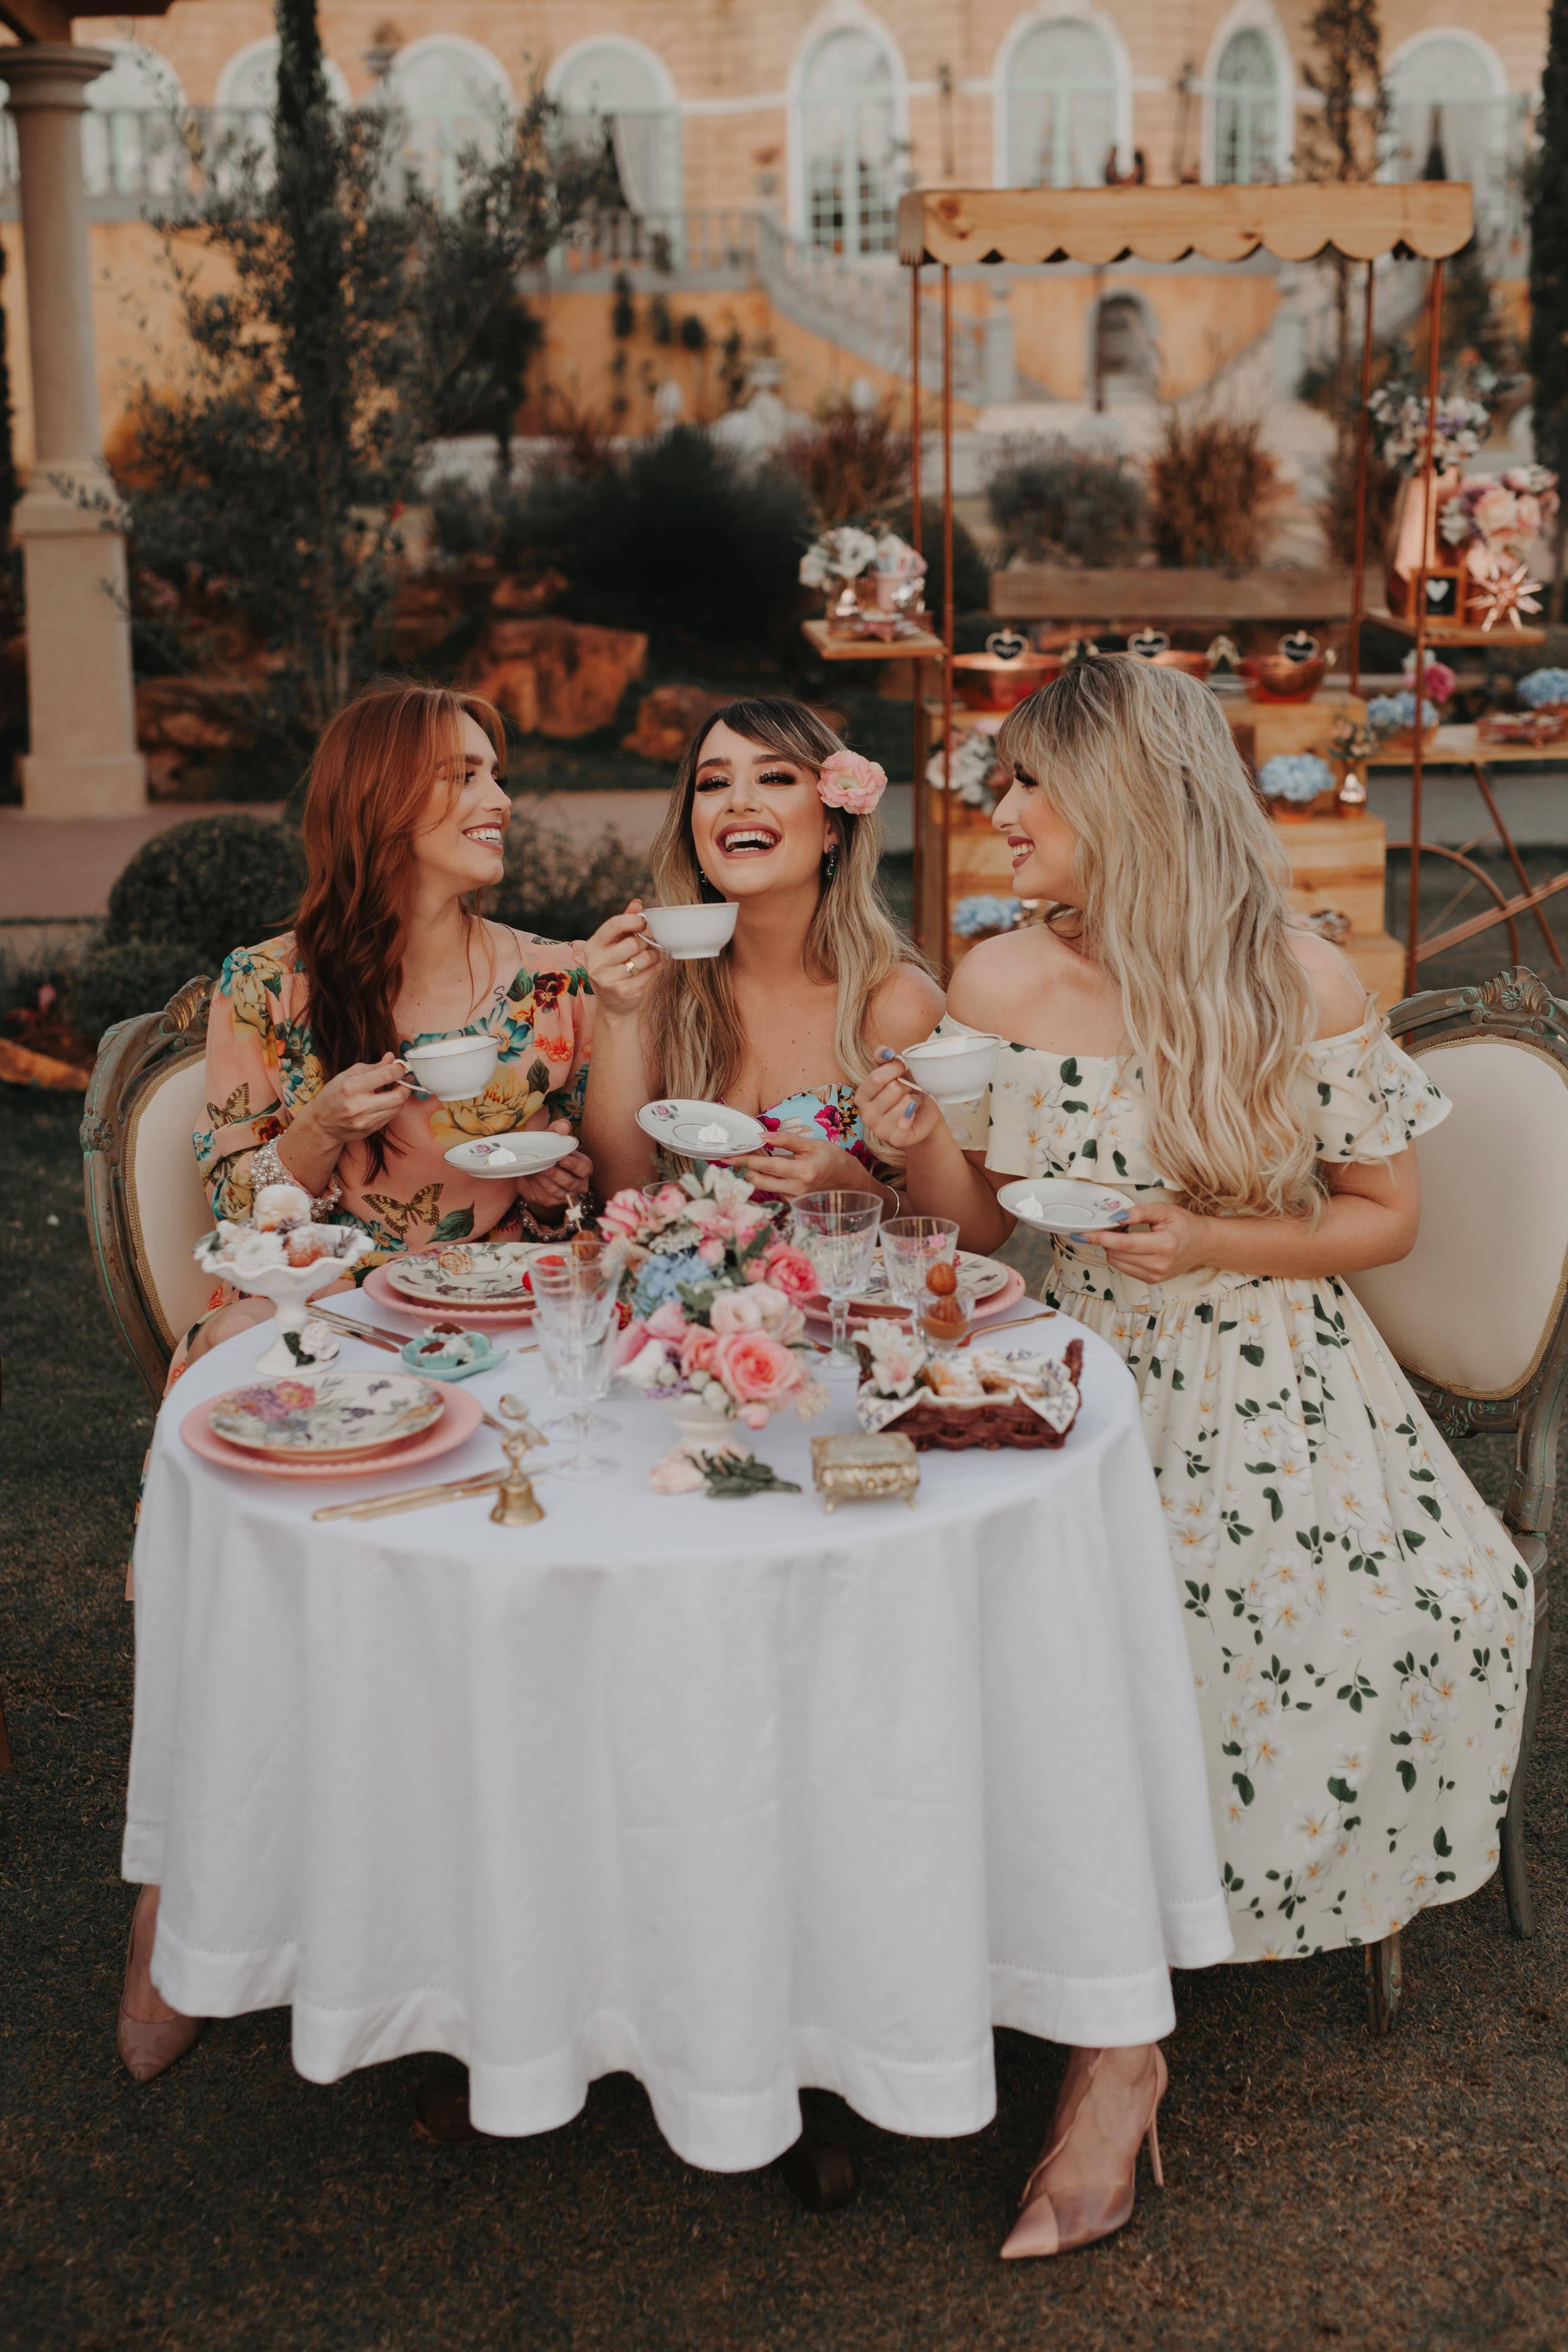 Jéssica conta que o chá da tarde no Villa Giardini pode ser uma experiência maravilhosa entre amigas. Foto: Acervo